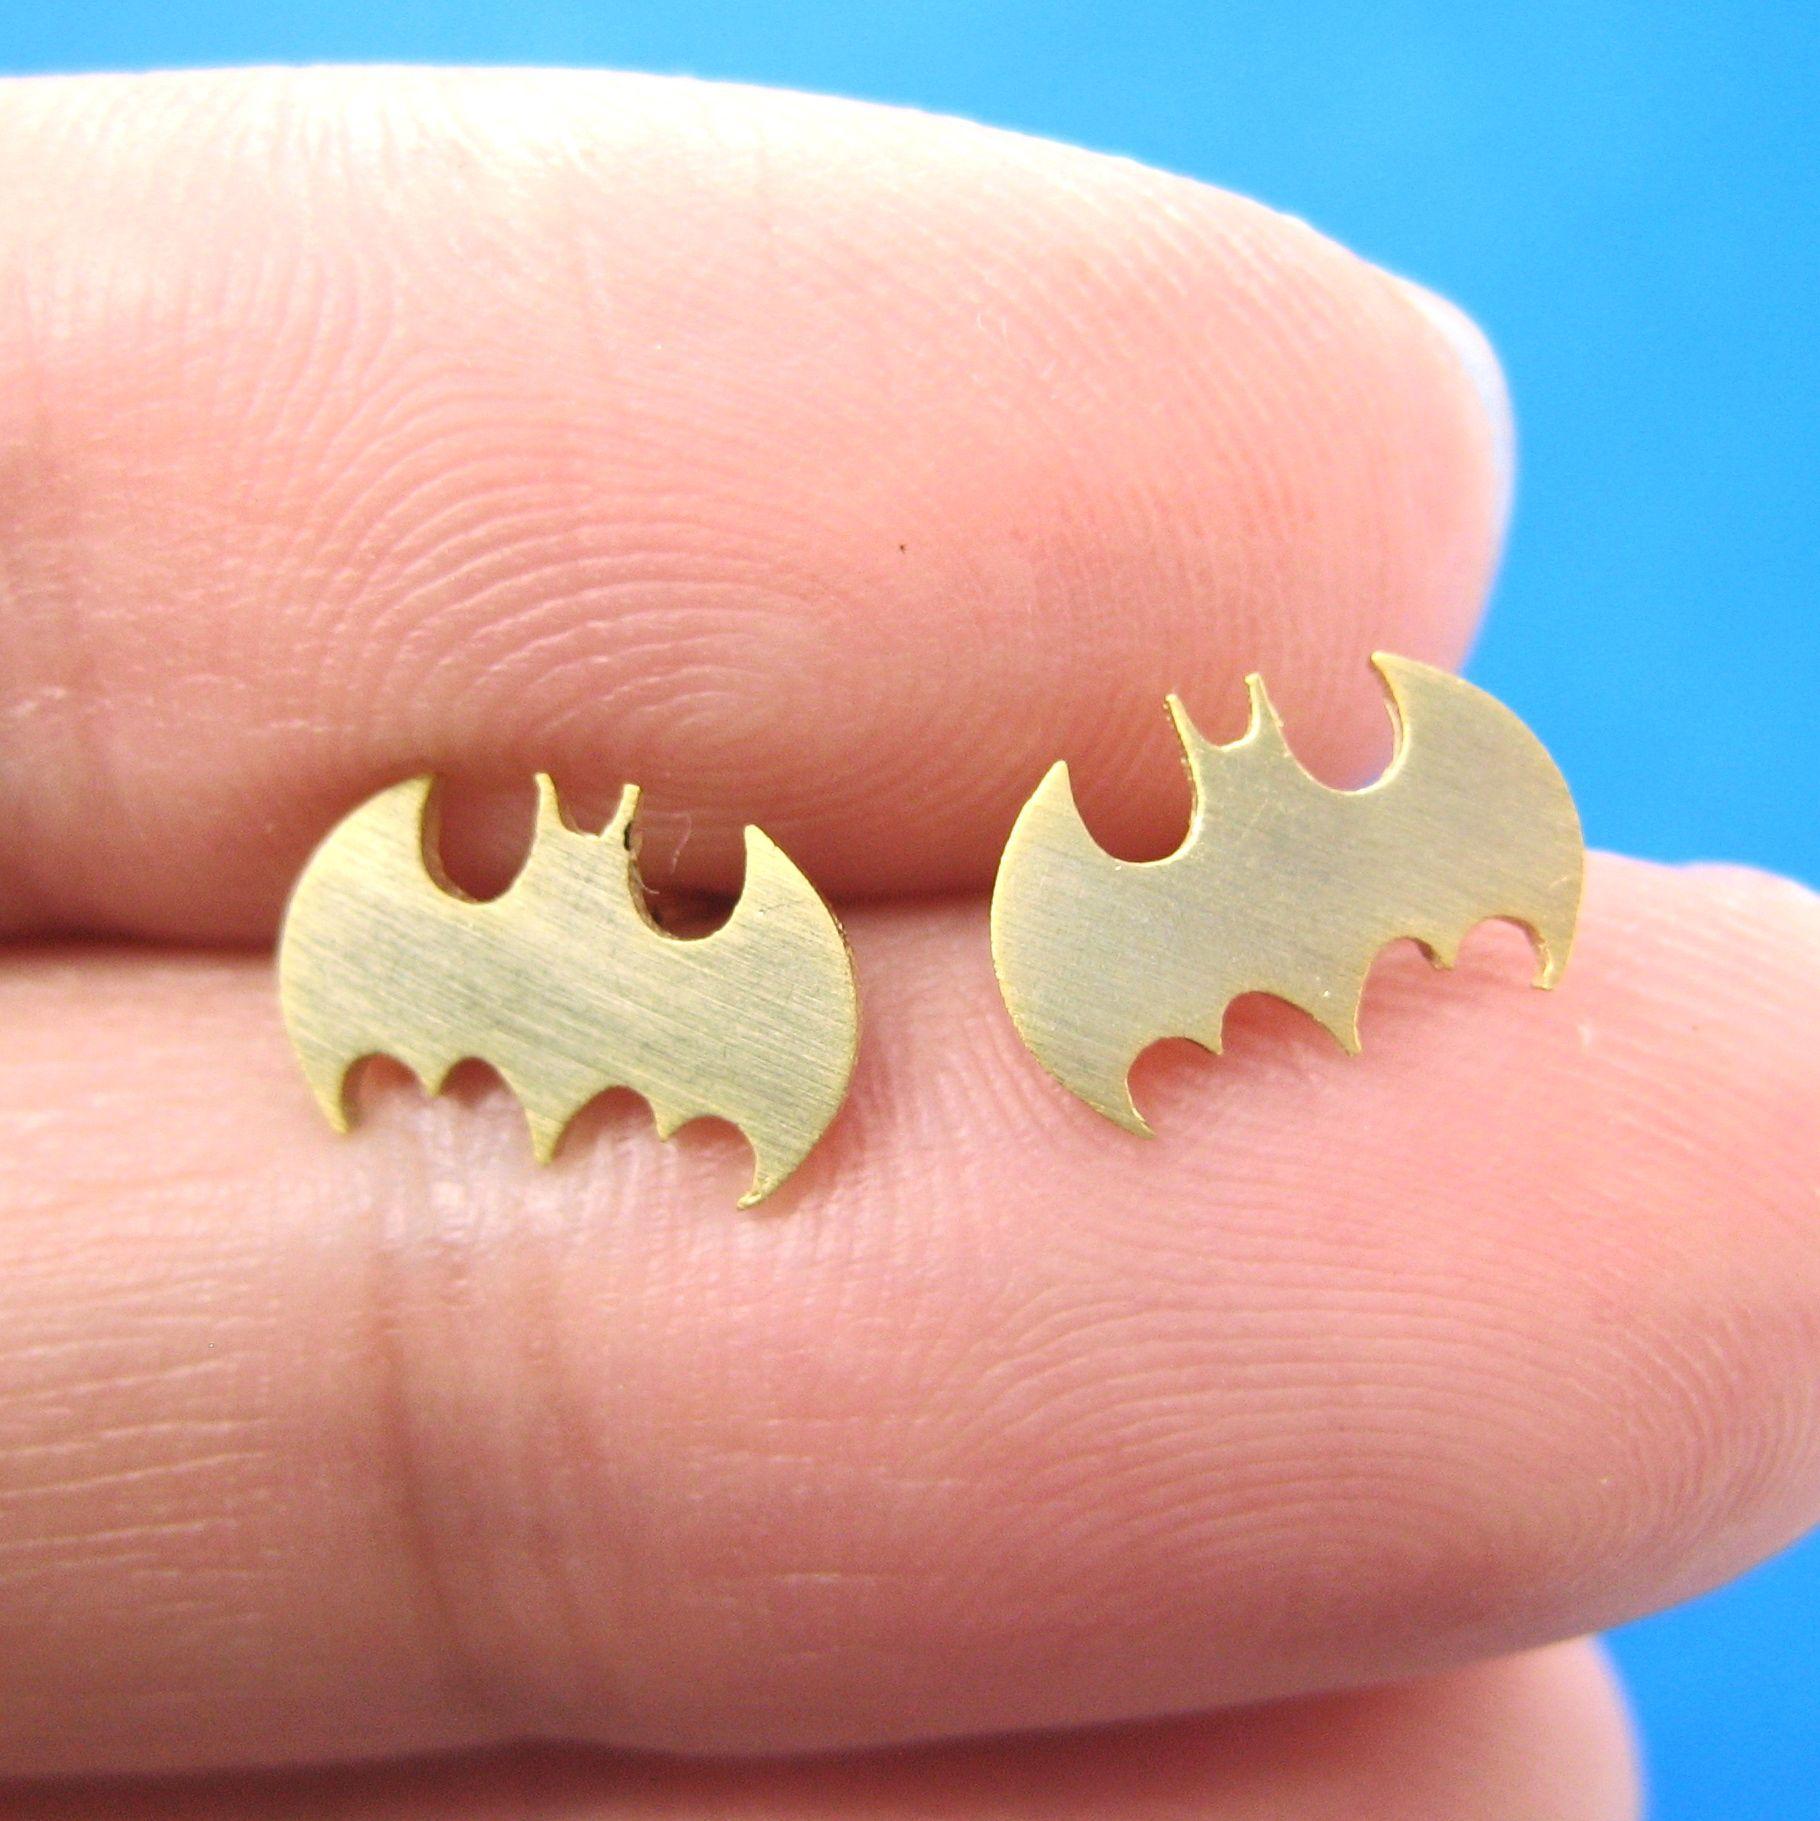 bat silhouette symbol batman logo stud earrings in gold allergy